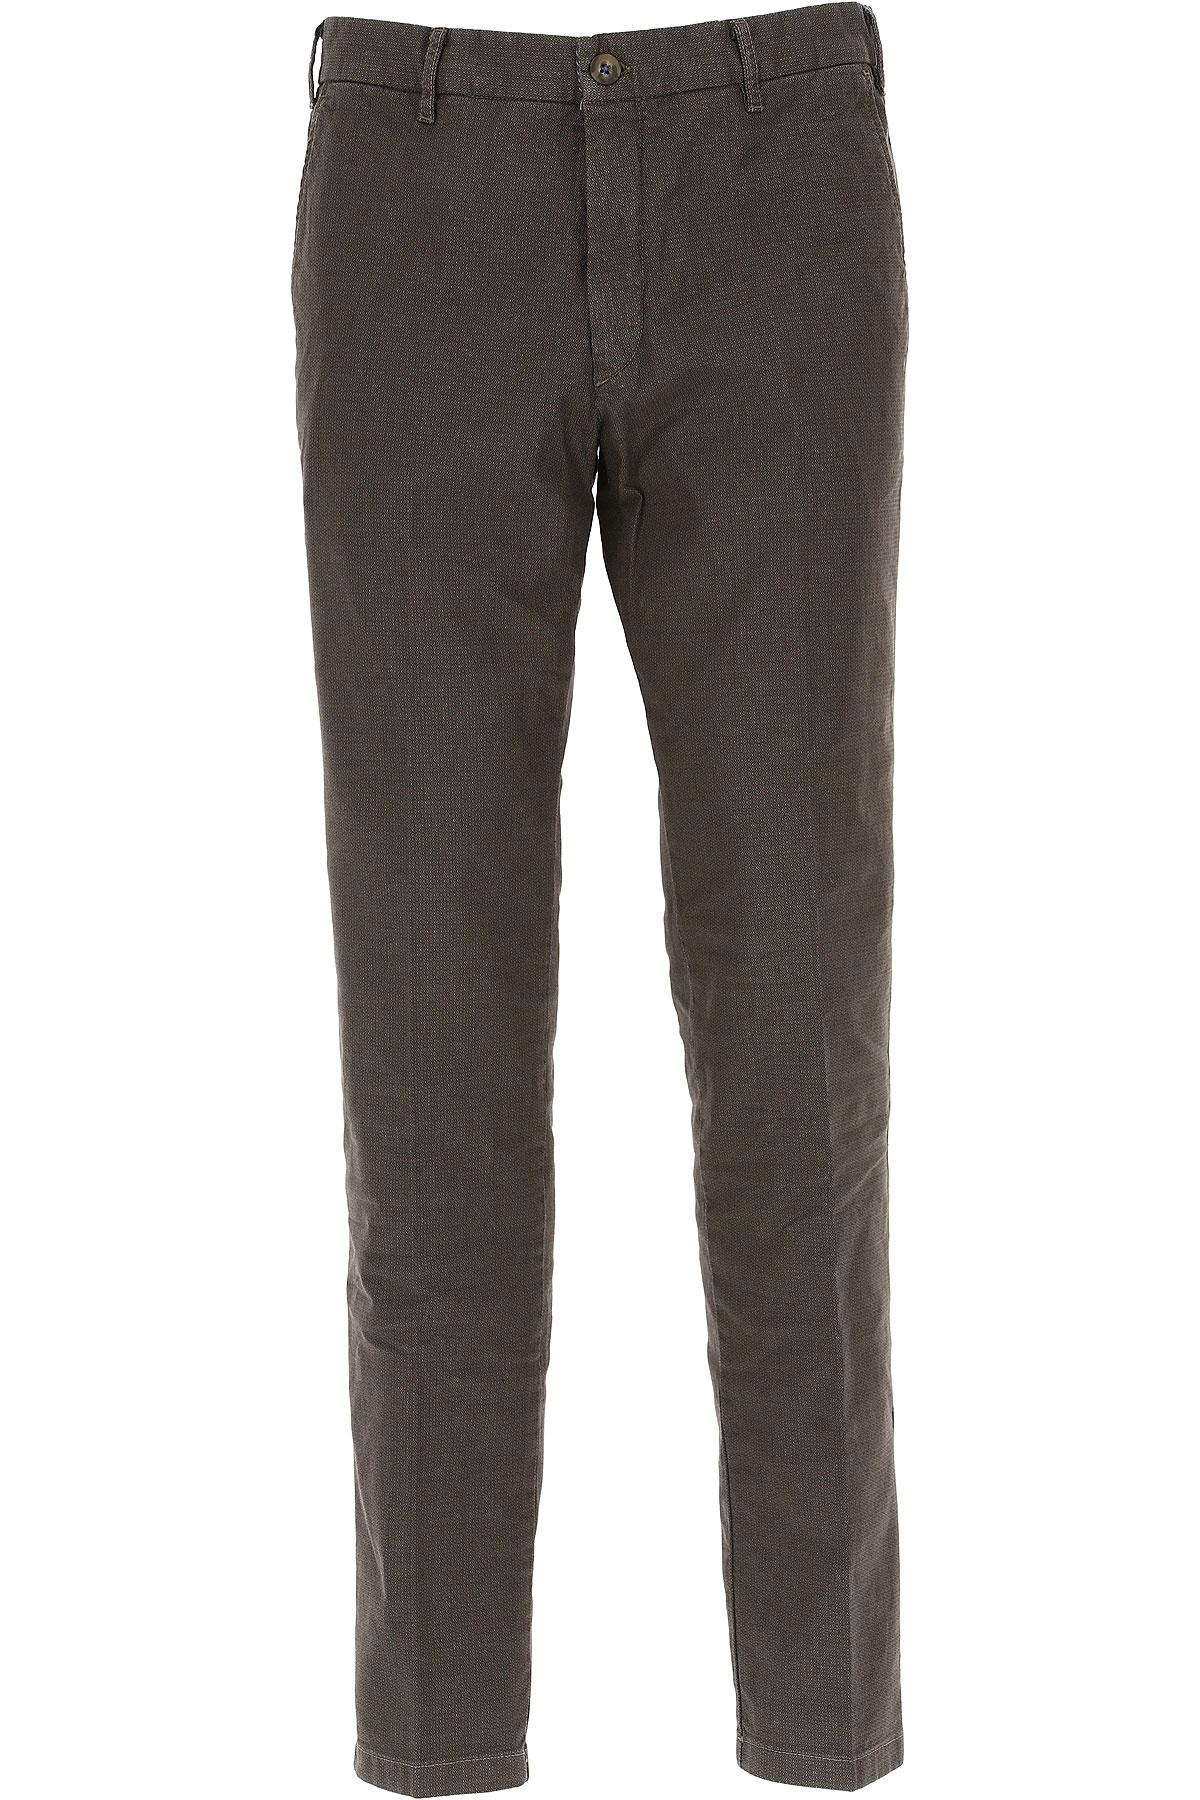 Image of J.W. Brine Pants for Men On Sale, Brown Melange, Cotton, 2017, 32 34